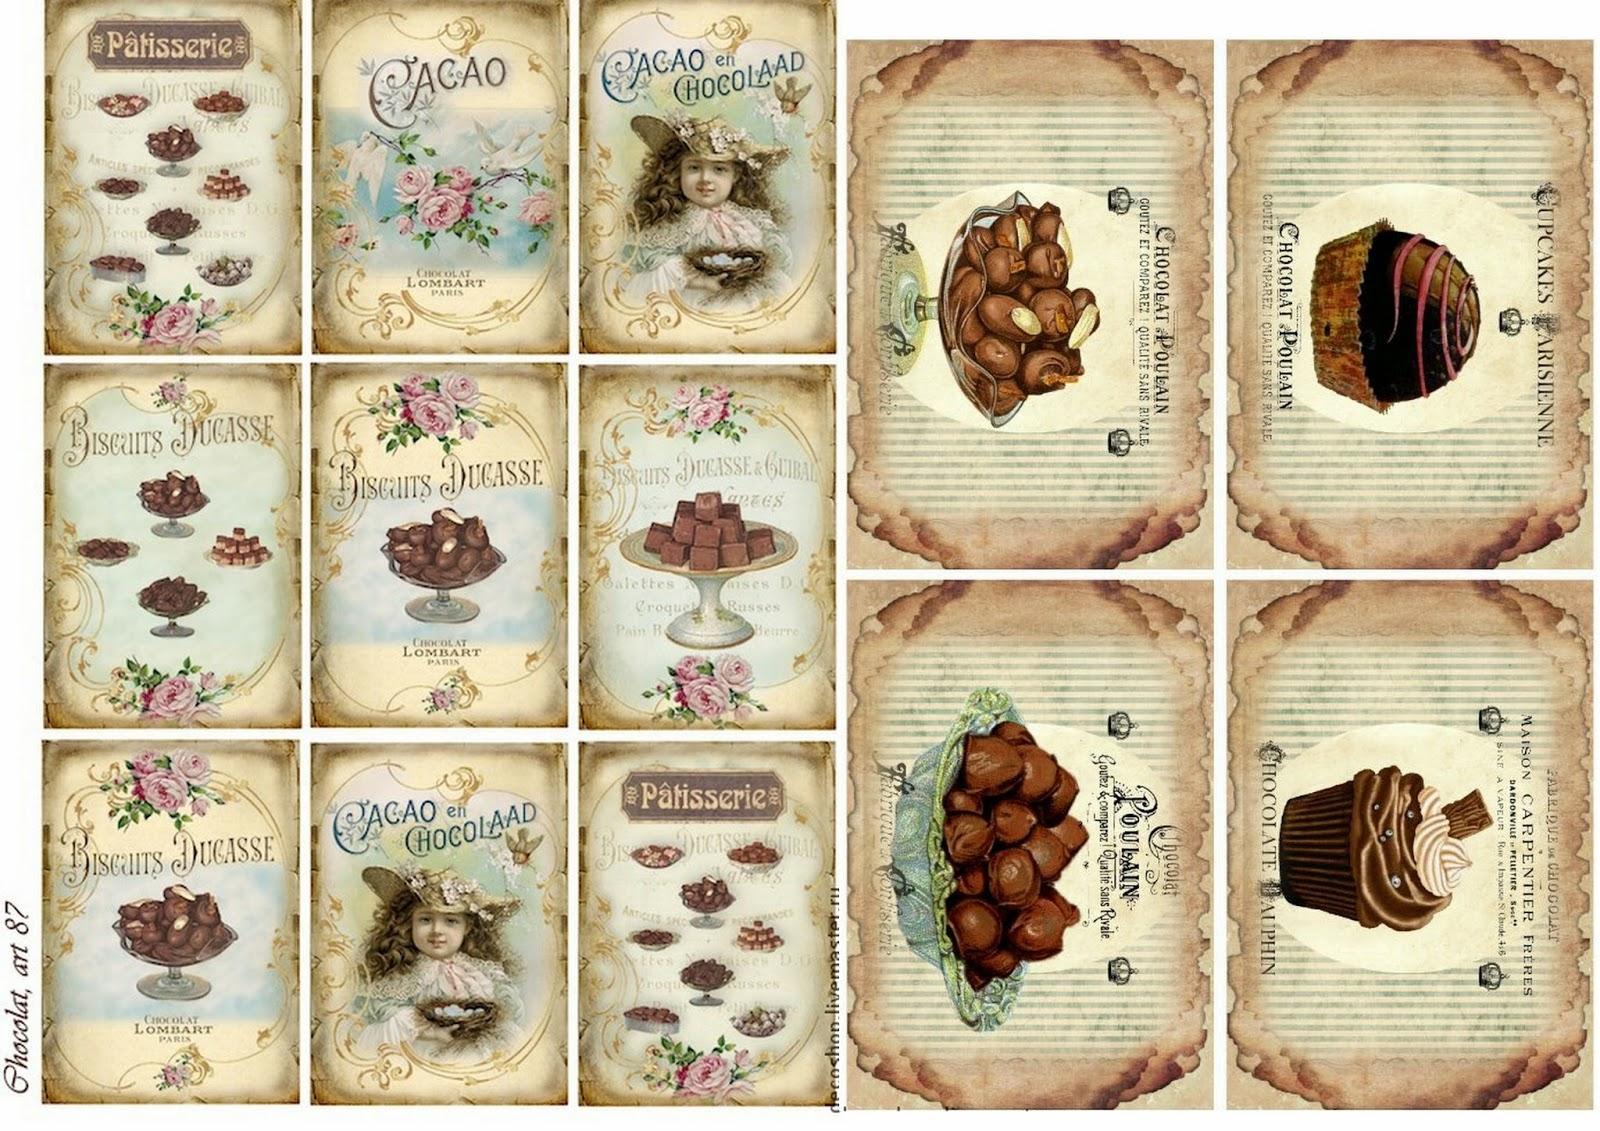 Free Printable Chocolate Vintage Labels.   Oh My Fiesta! In English - Free Printable Vintage Labels